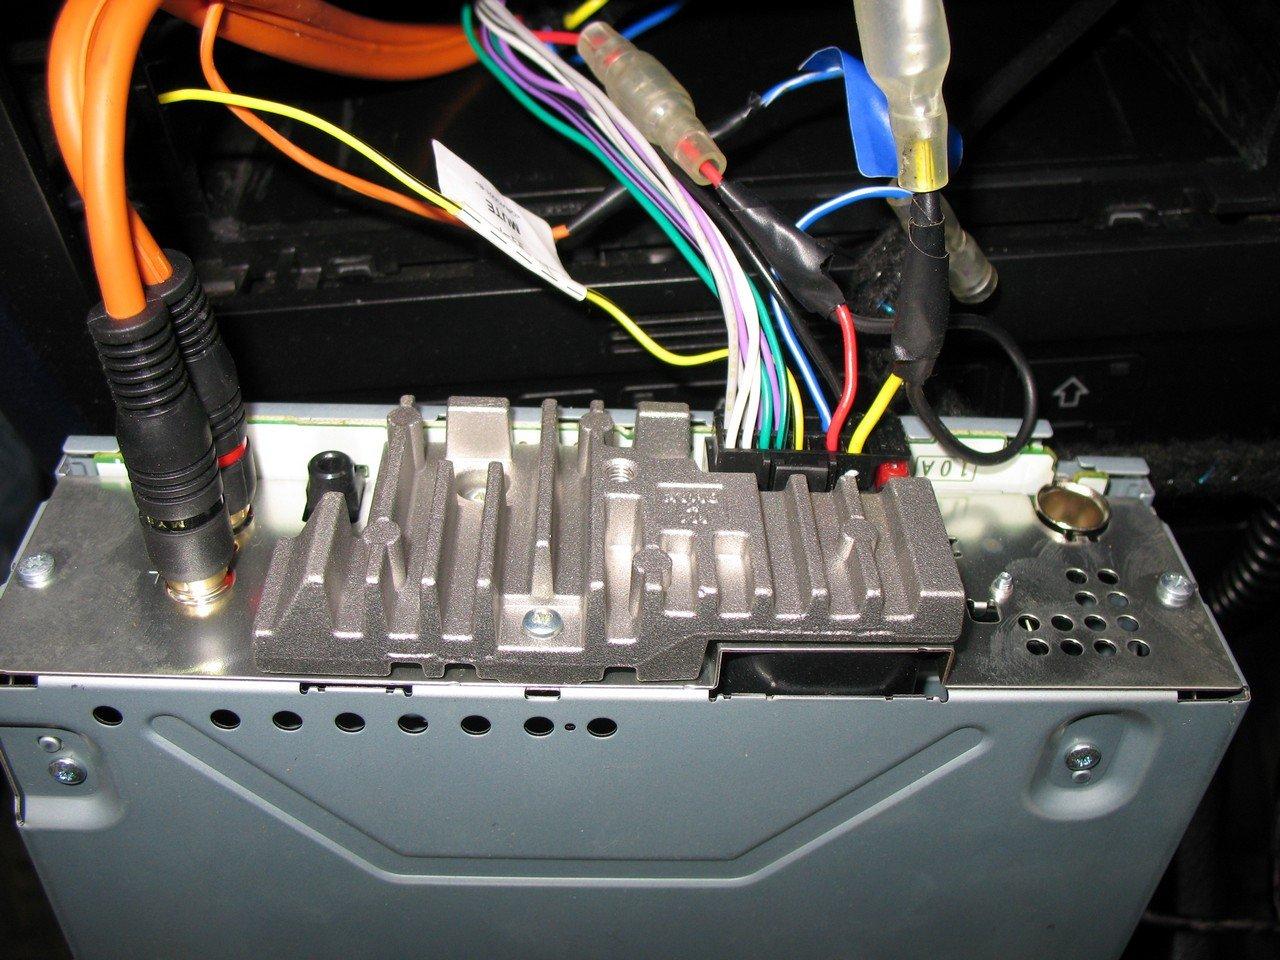 Как правильно подключить сабвуфер в машине схема